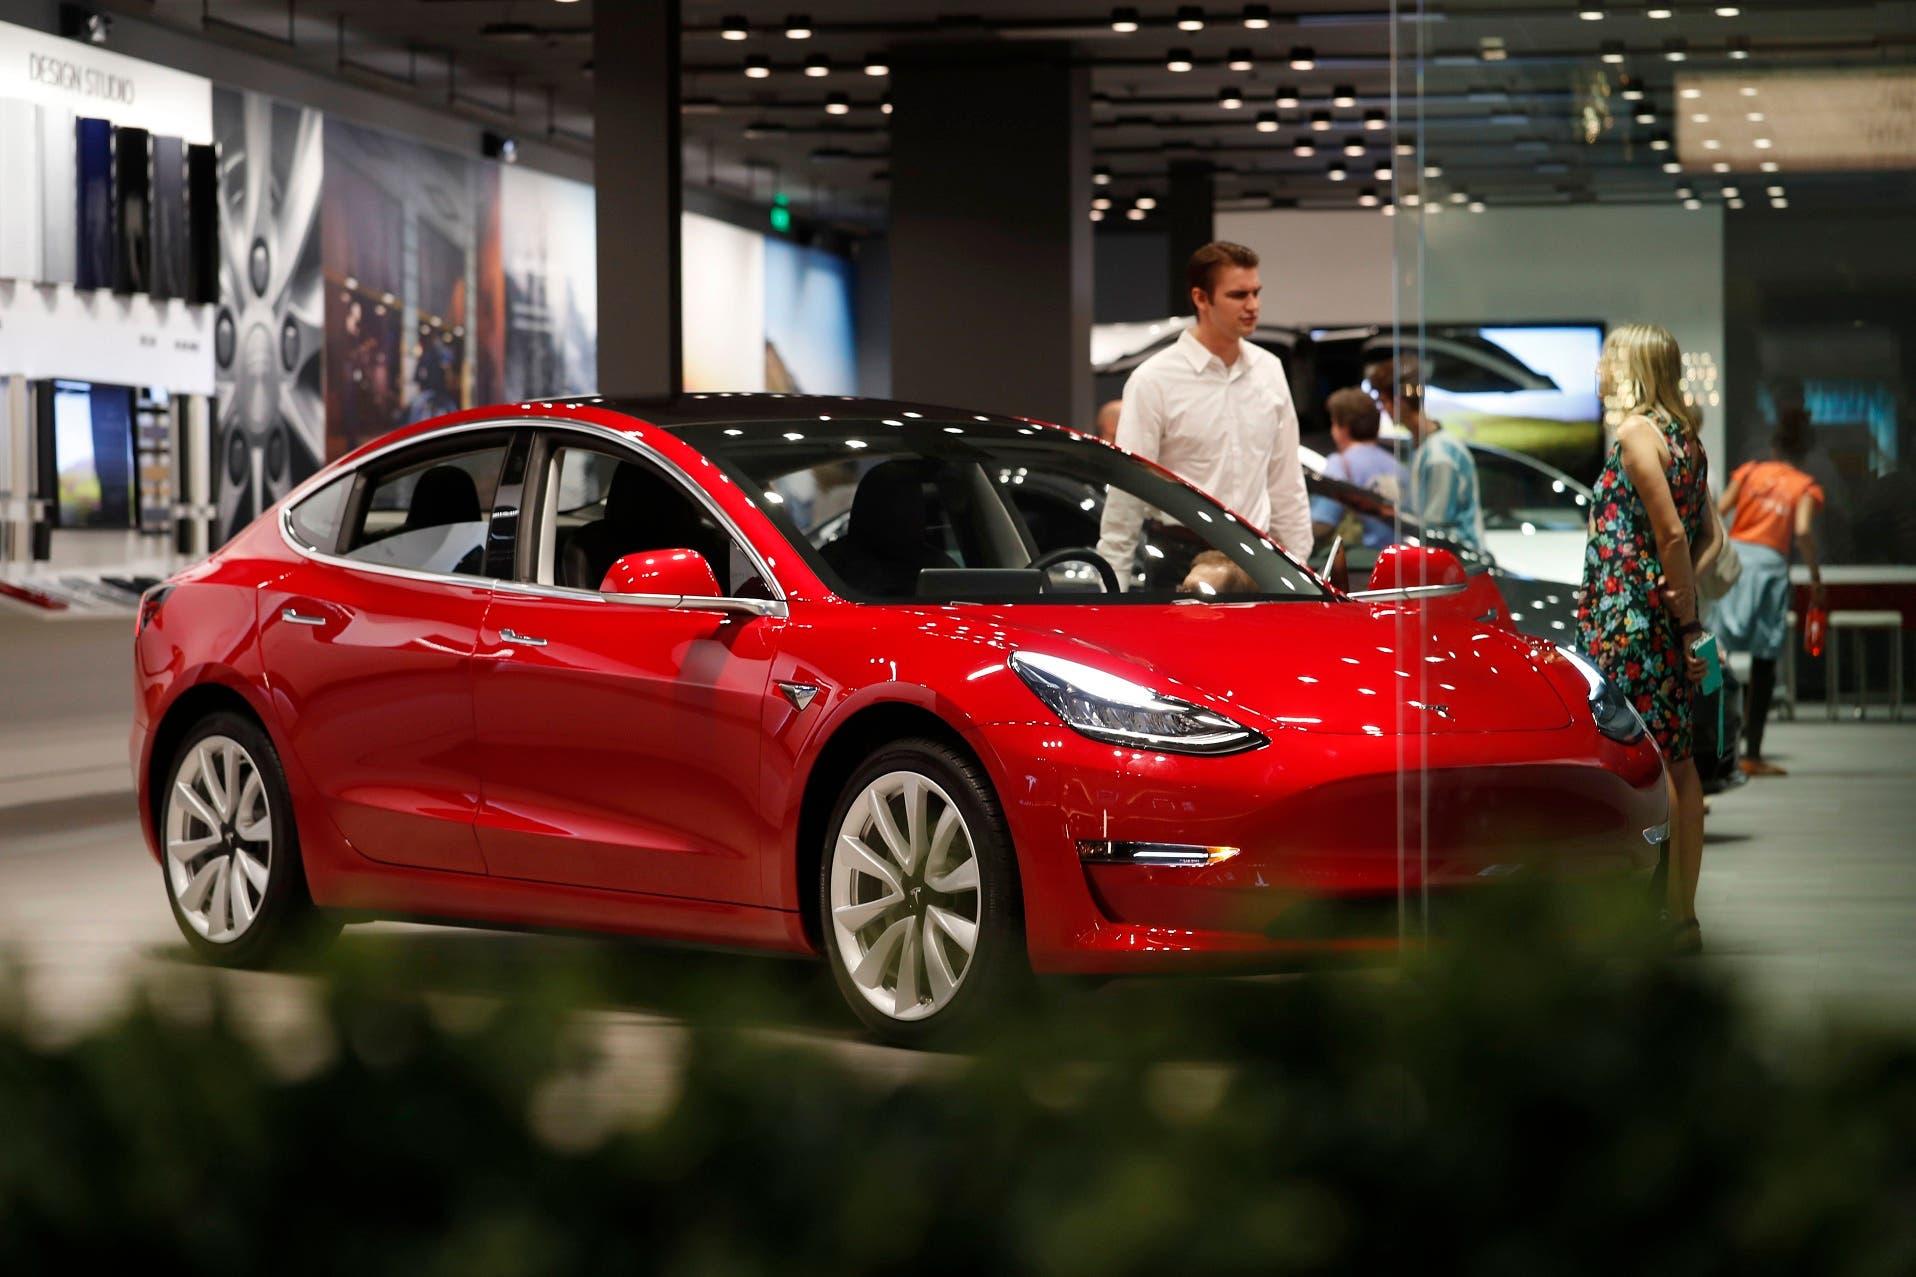 A partir del 1 de enero, el crédito federal para los compradores de vehículos Tesla disminuyó de 7.500 dólares a 3.750 dólares.